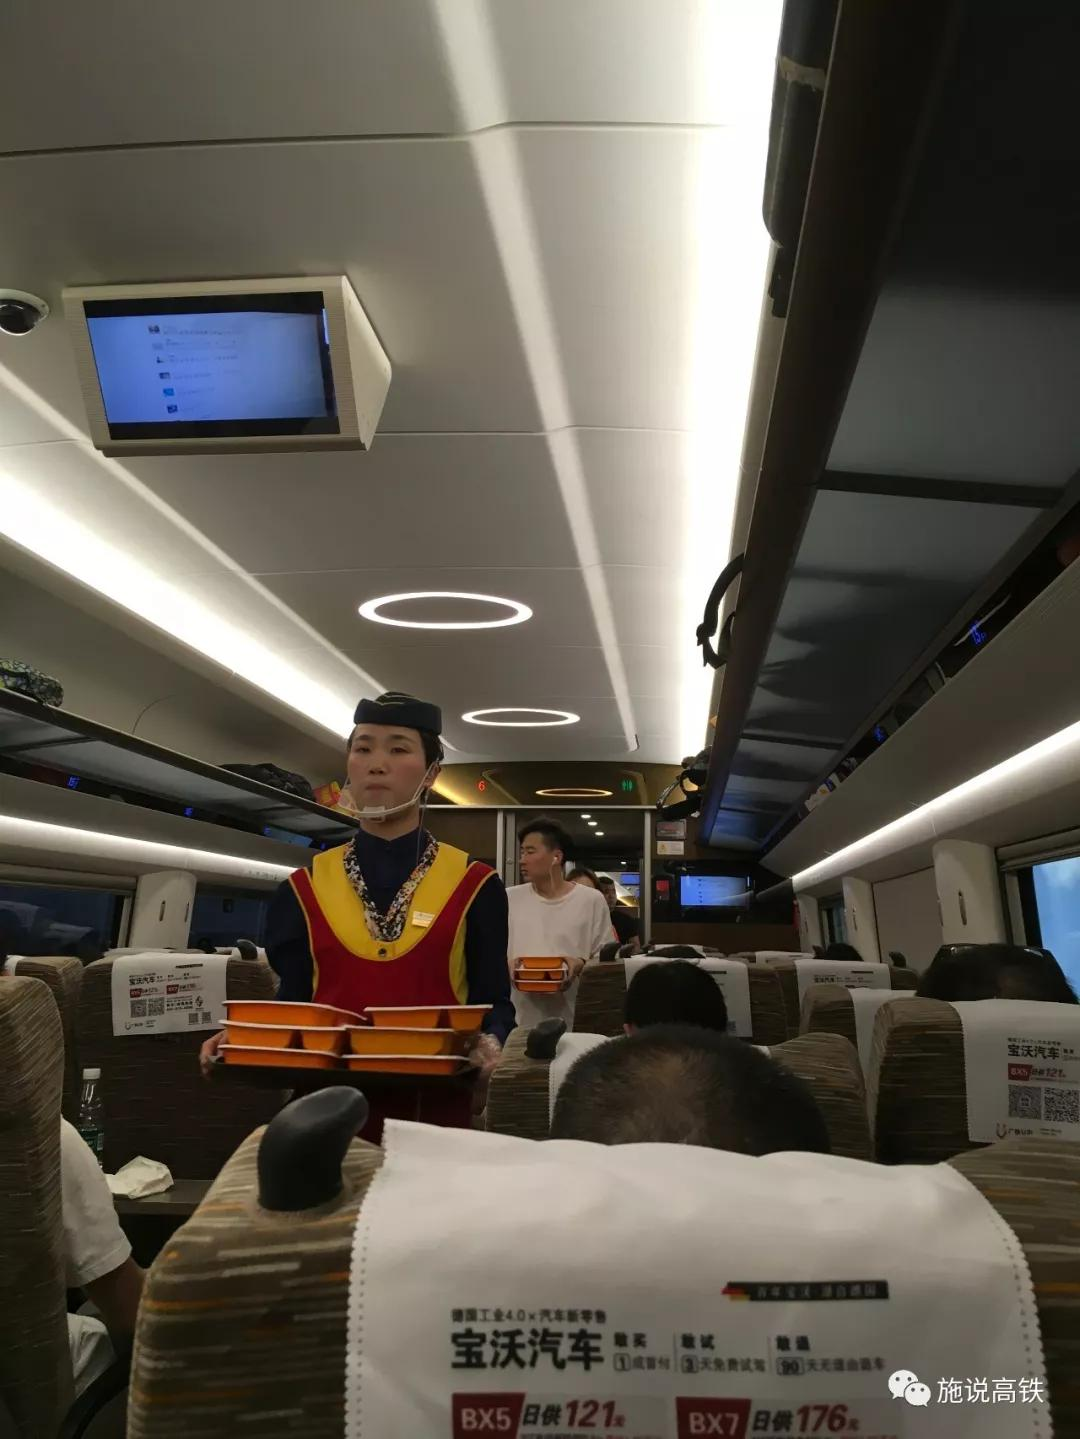 天津高铁站到天津机场多远?